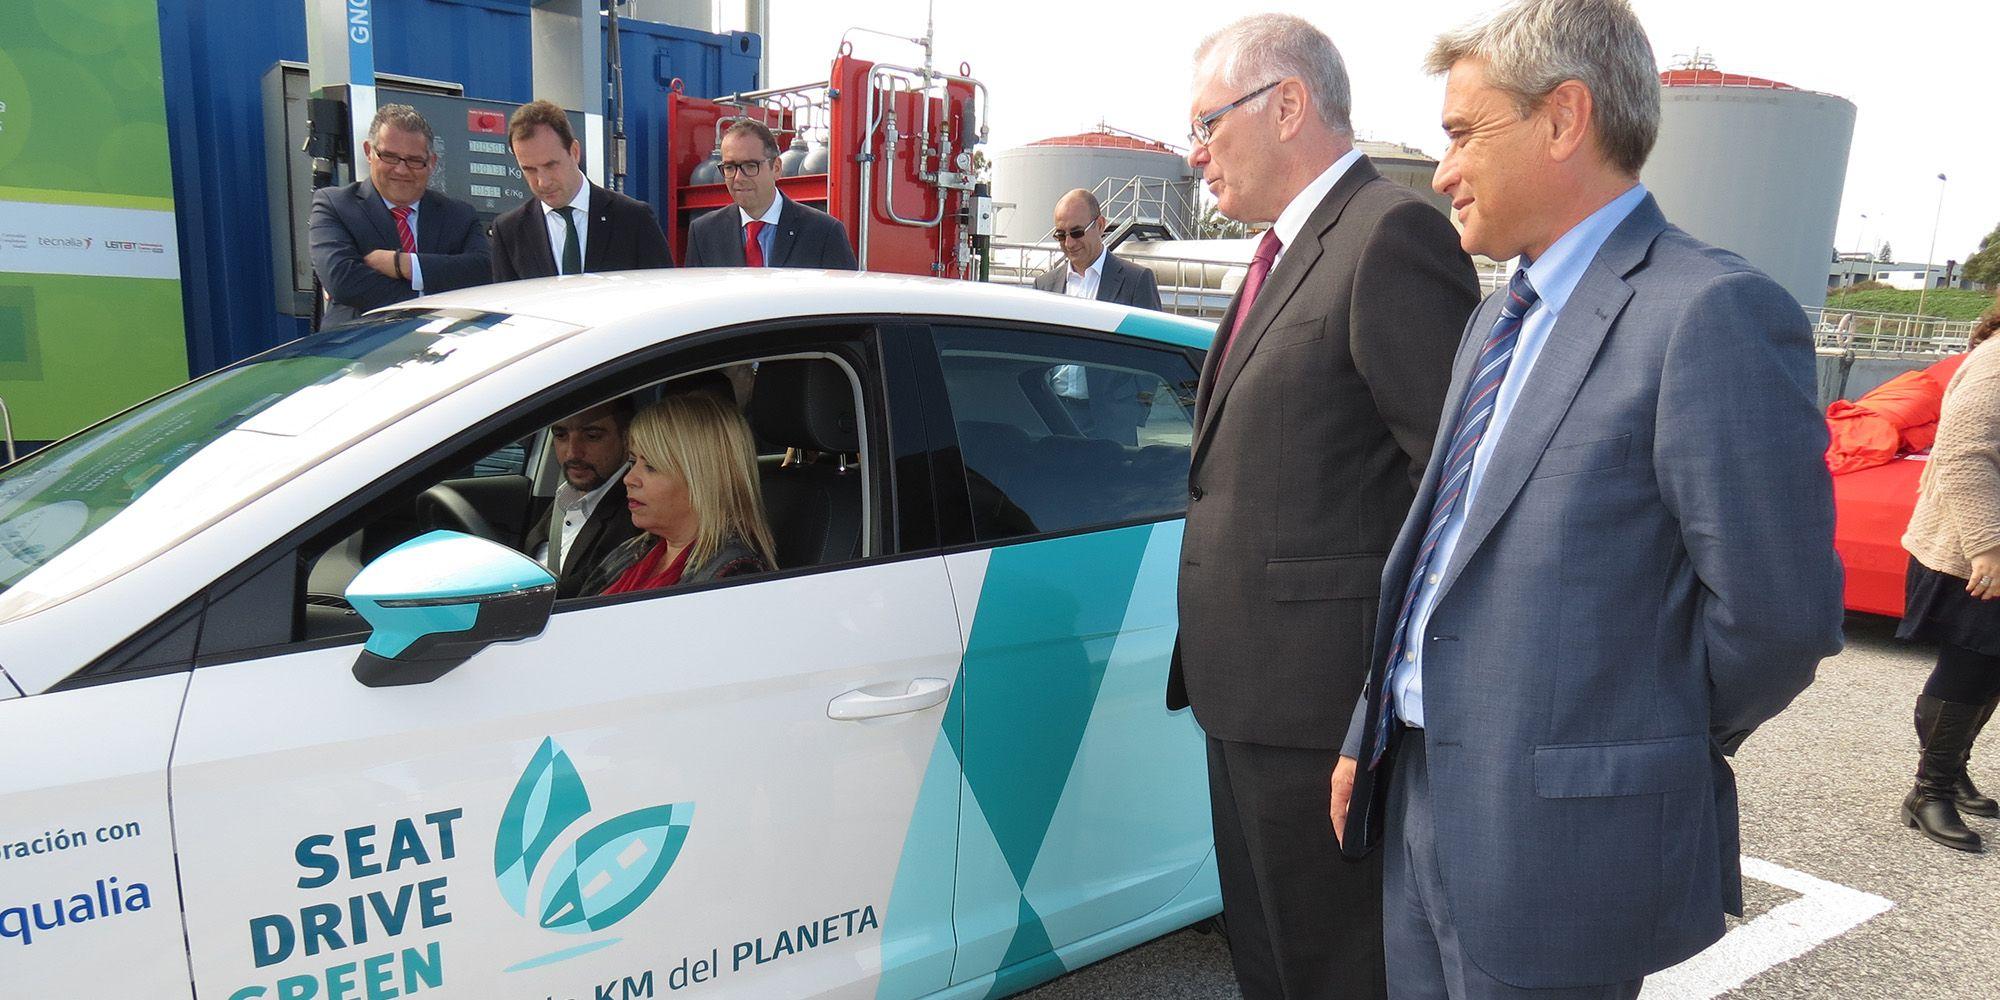 aqualia-presenta-biocombustible-coches-seat-jerez-1